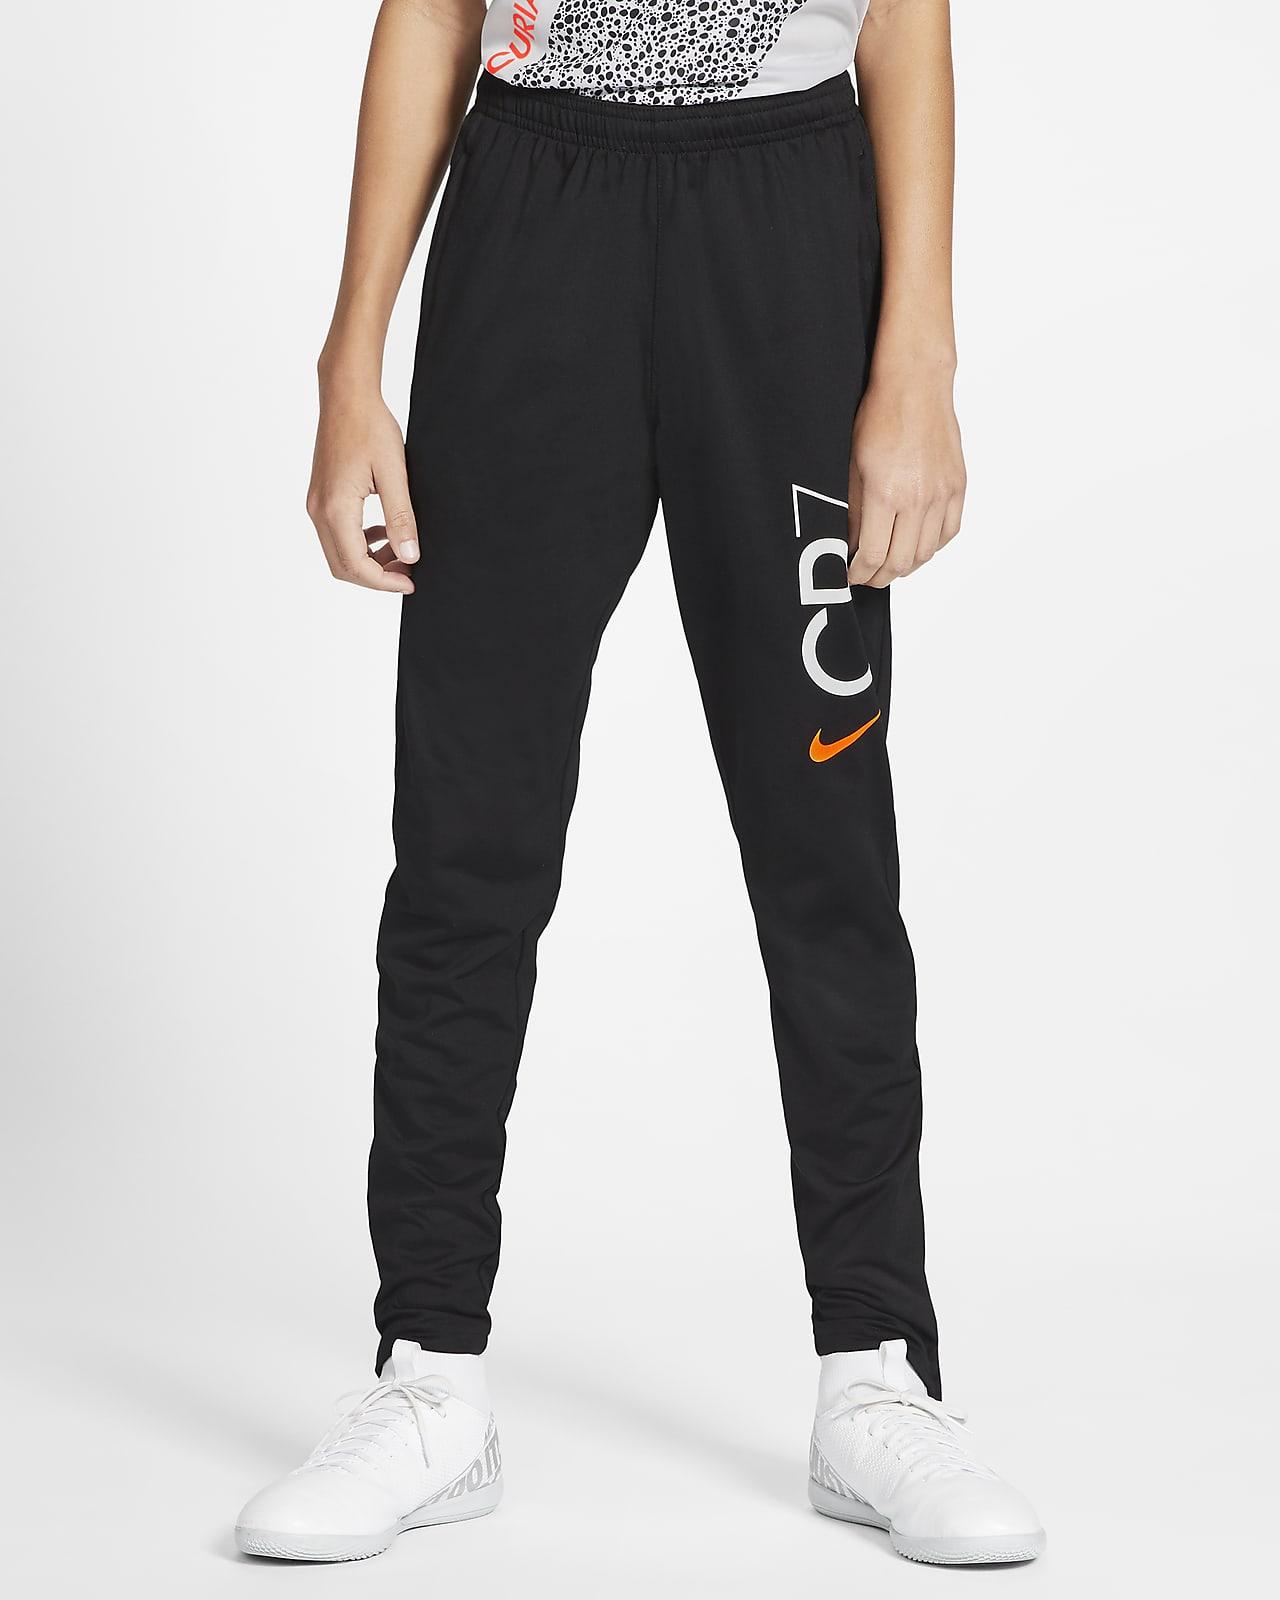 Nike Dri-FIT CR7 Voetbalbroek voor kids